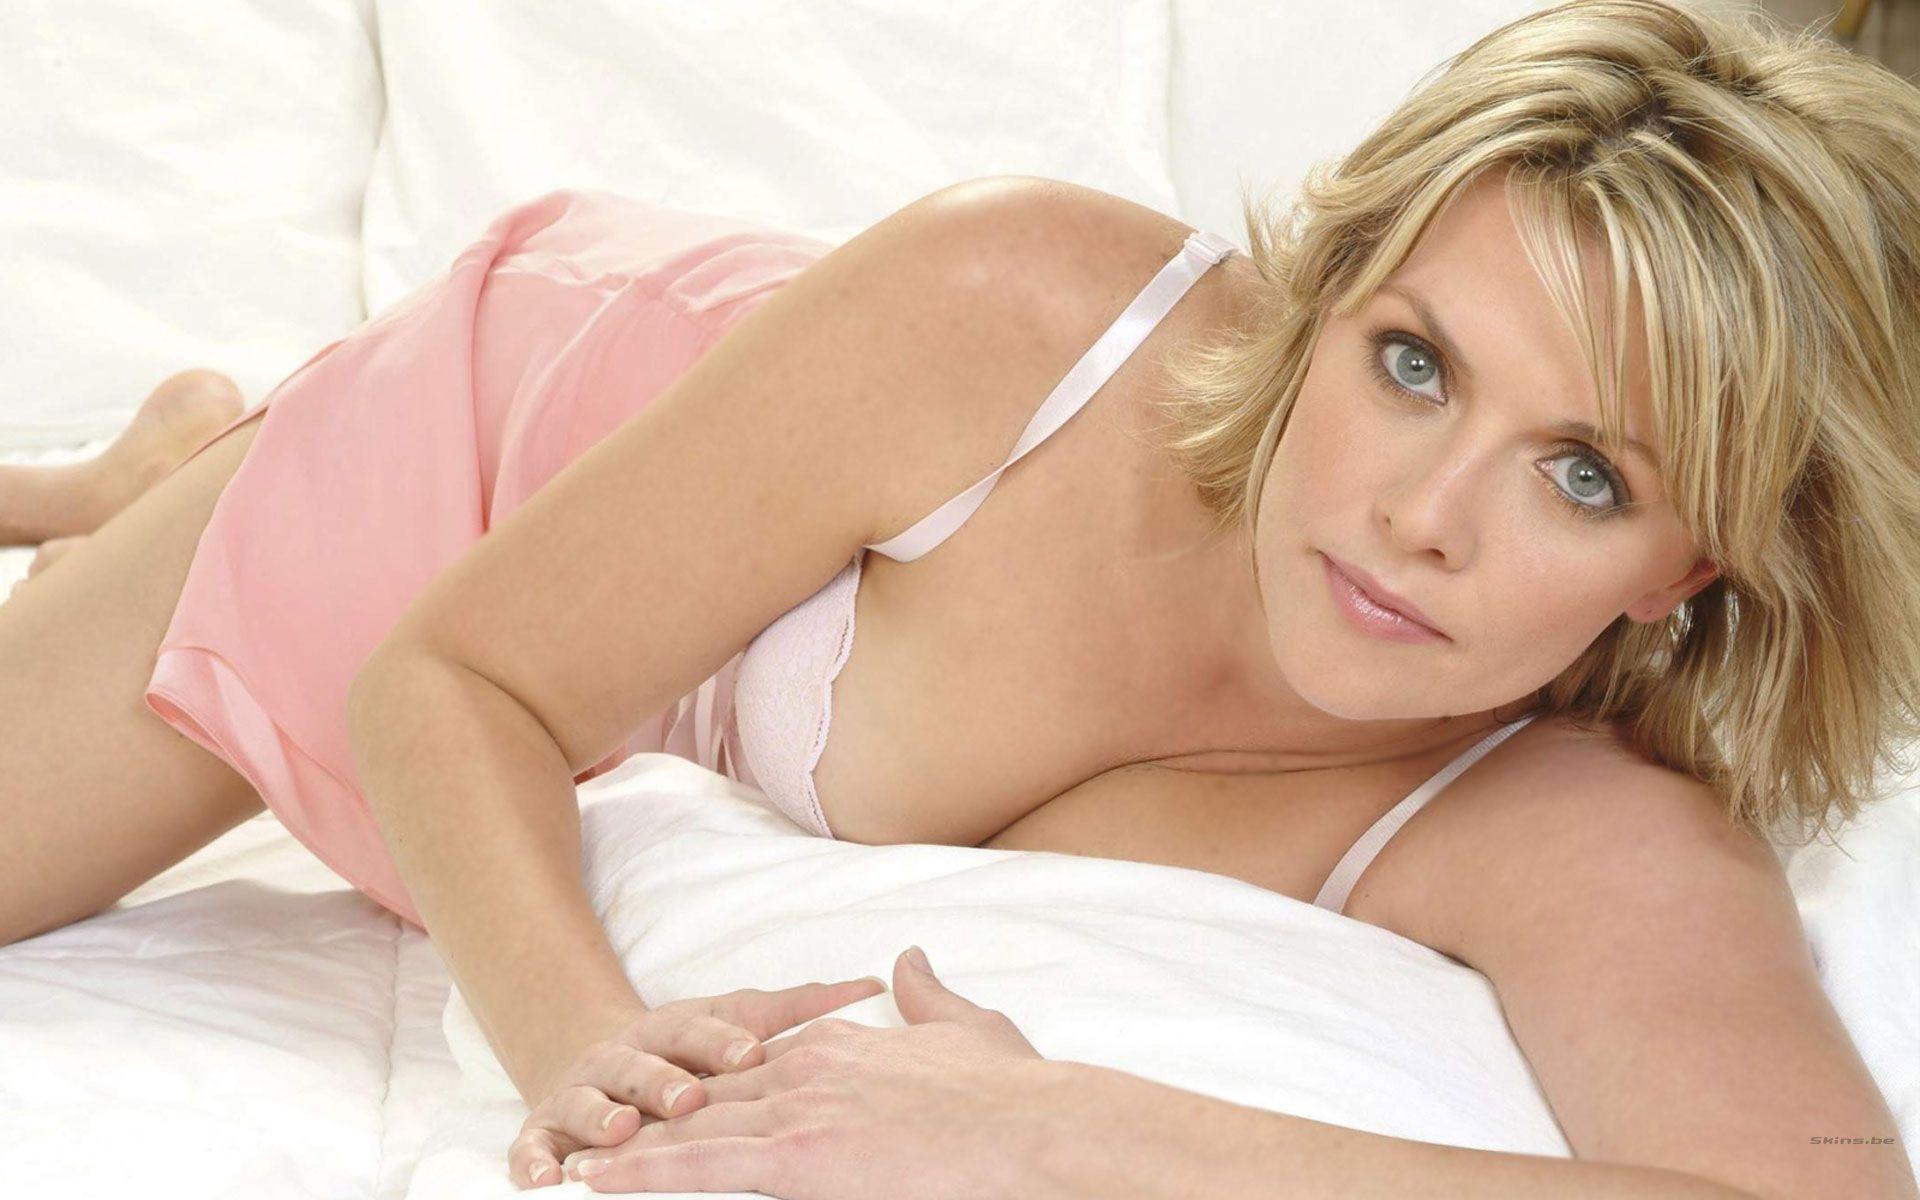 Naked Amanda Tapping 67